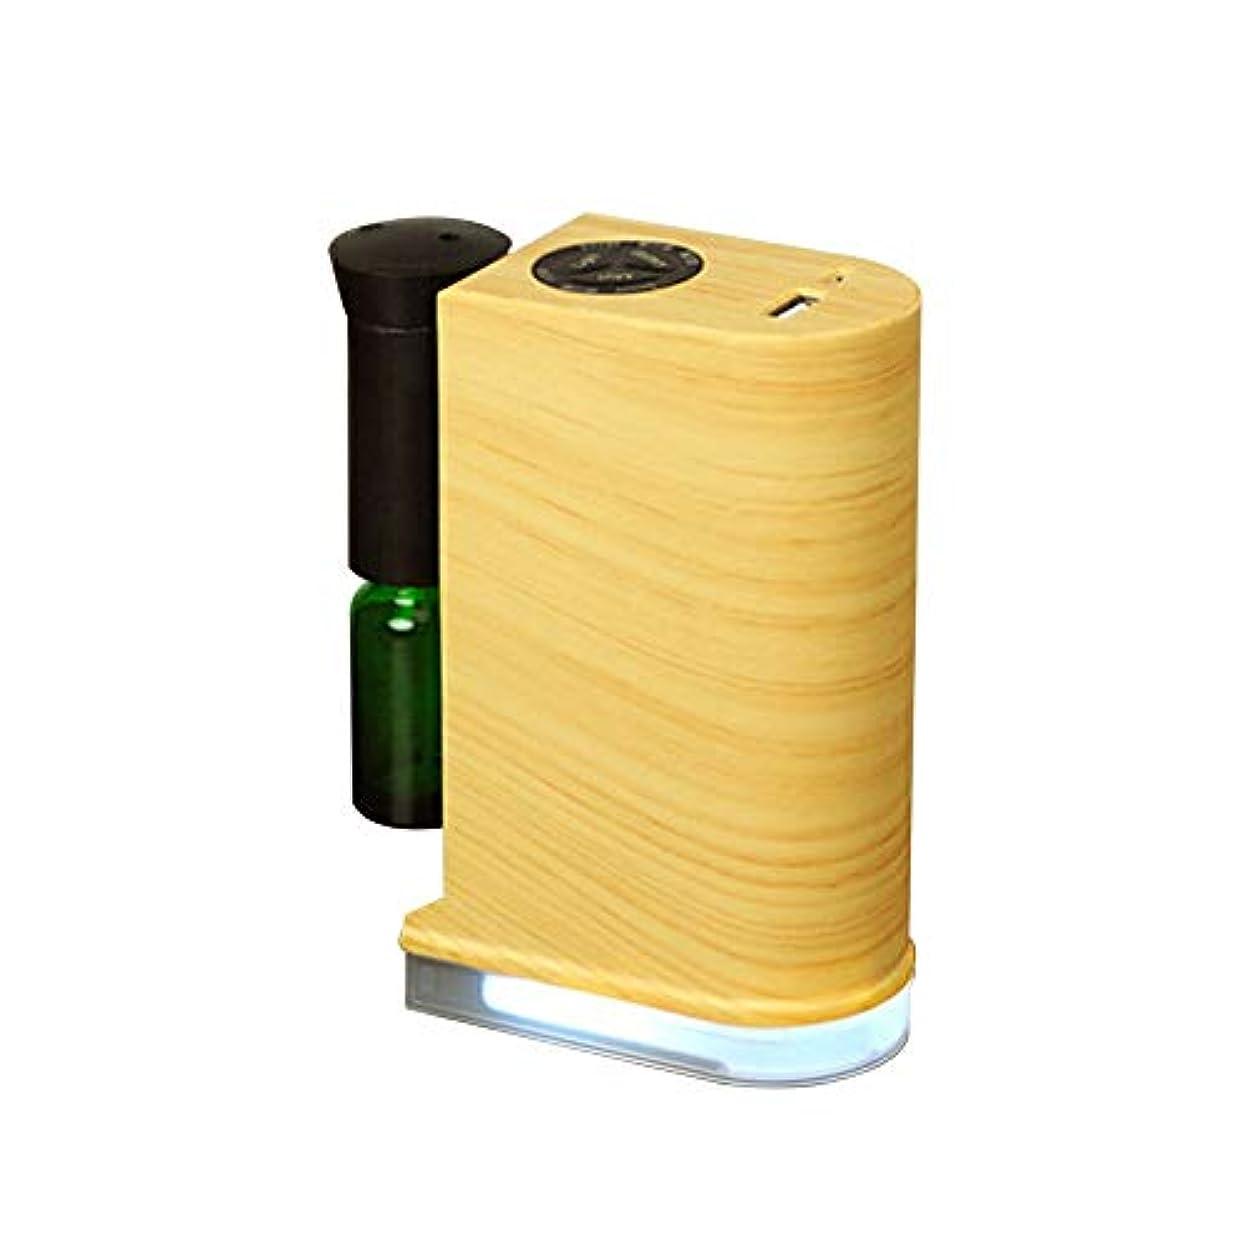 パプアニューギニアシロクマ先見の明アロマディフューザー 木目調 ネブライザー式 USBポート付き 癒しの空間 卓上 アロマライト アロマオイル スマホ充電可能 オフィス リビング ナチュラル